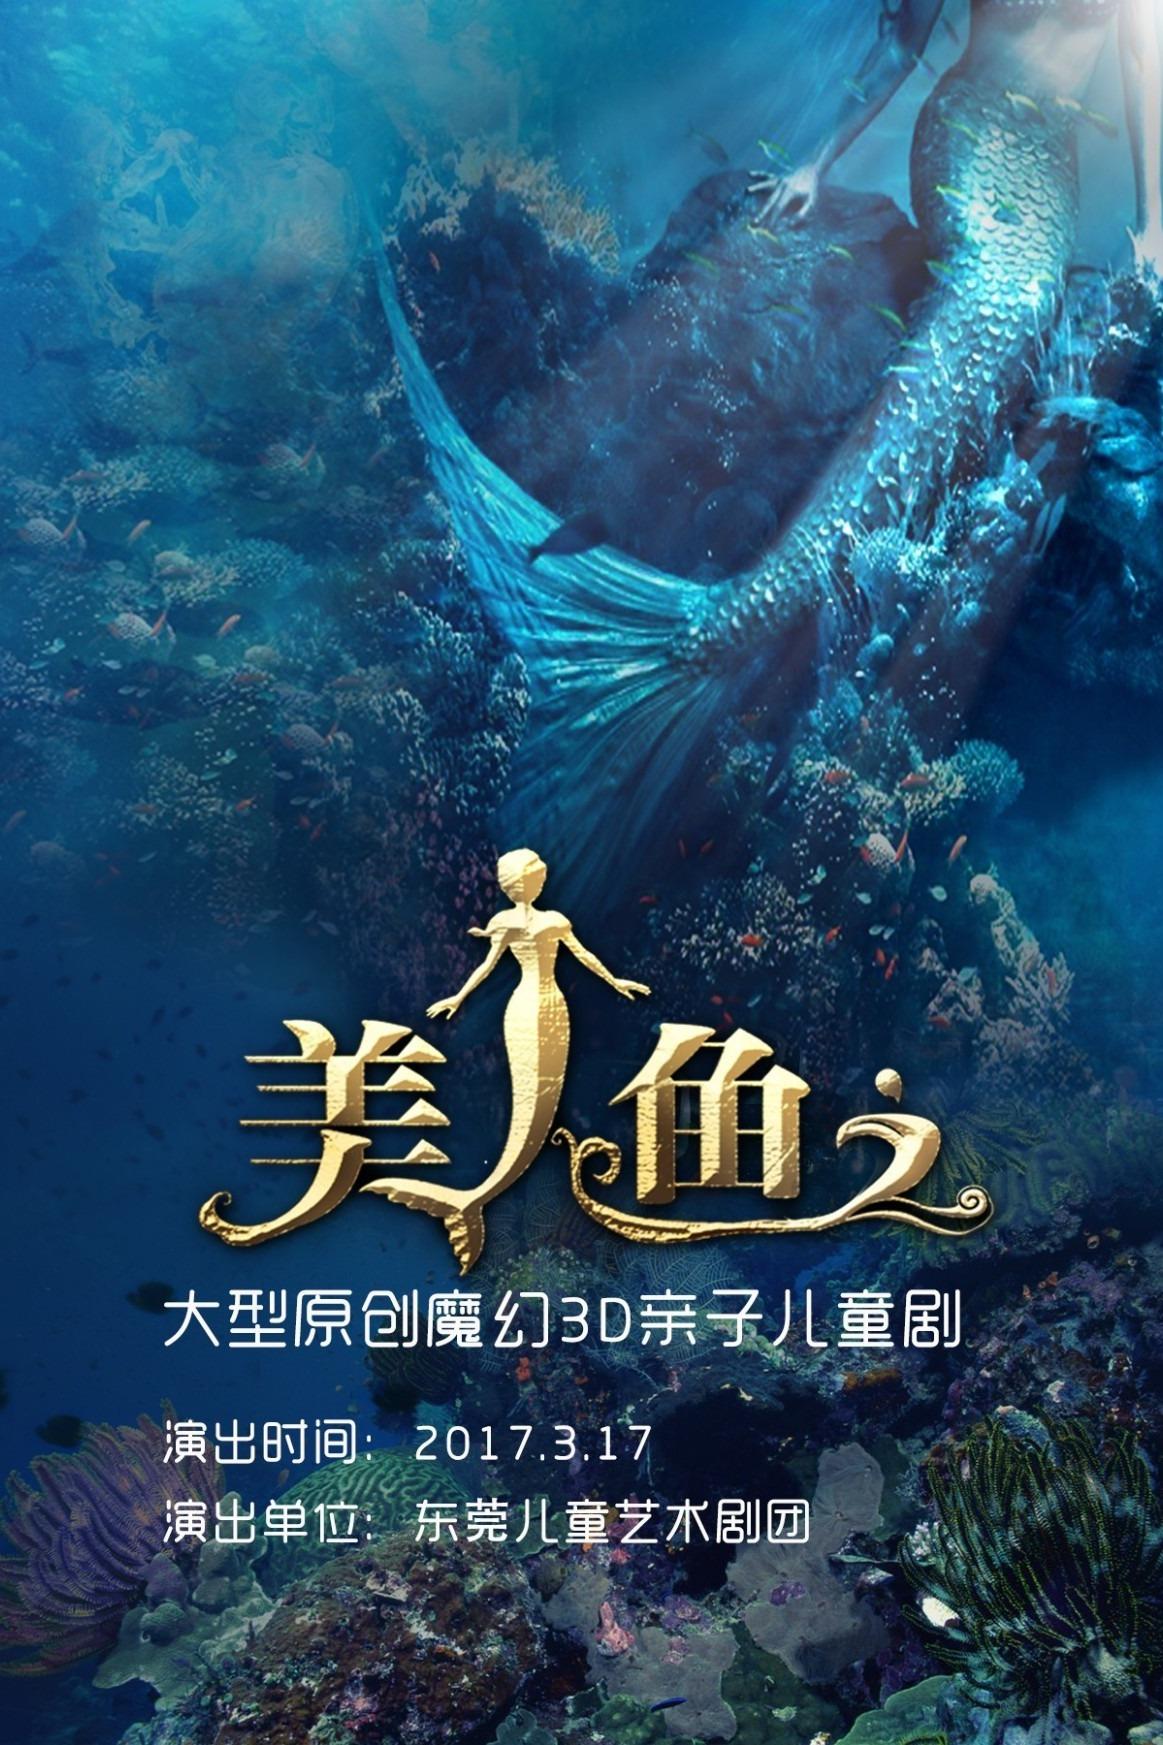 [湖州]大型原创魔幻3D亲子儿童剧《美人鱼》